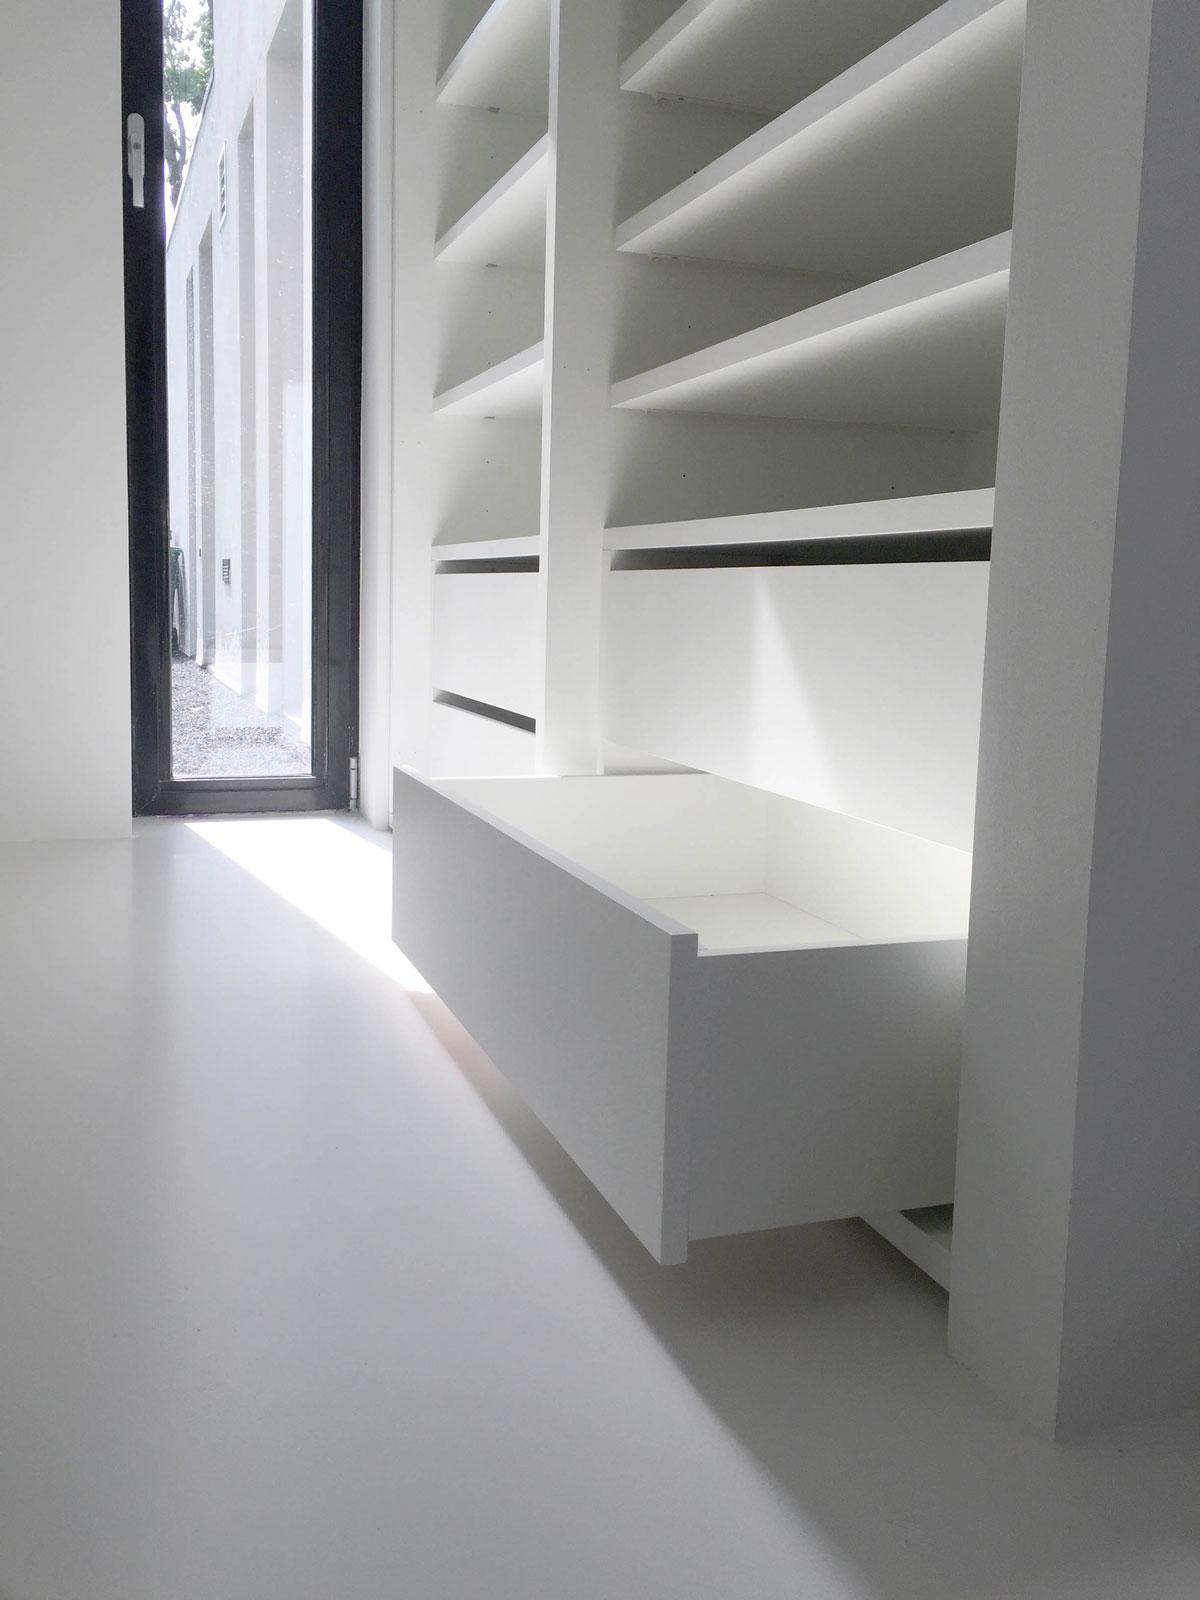 Detailafbeelding van een lade in een design kledingkast uitgelicht met mooi zonlicht.